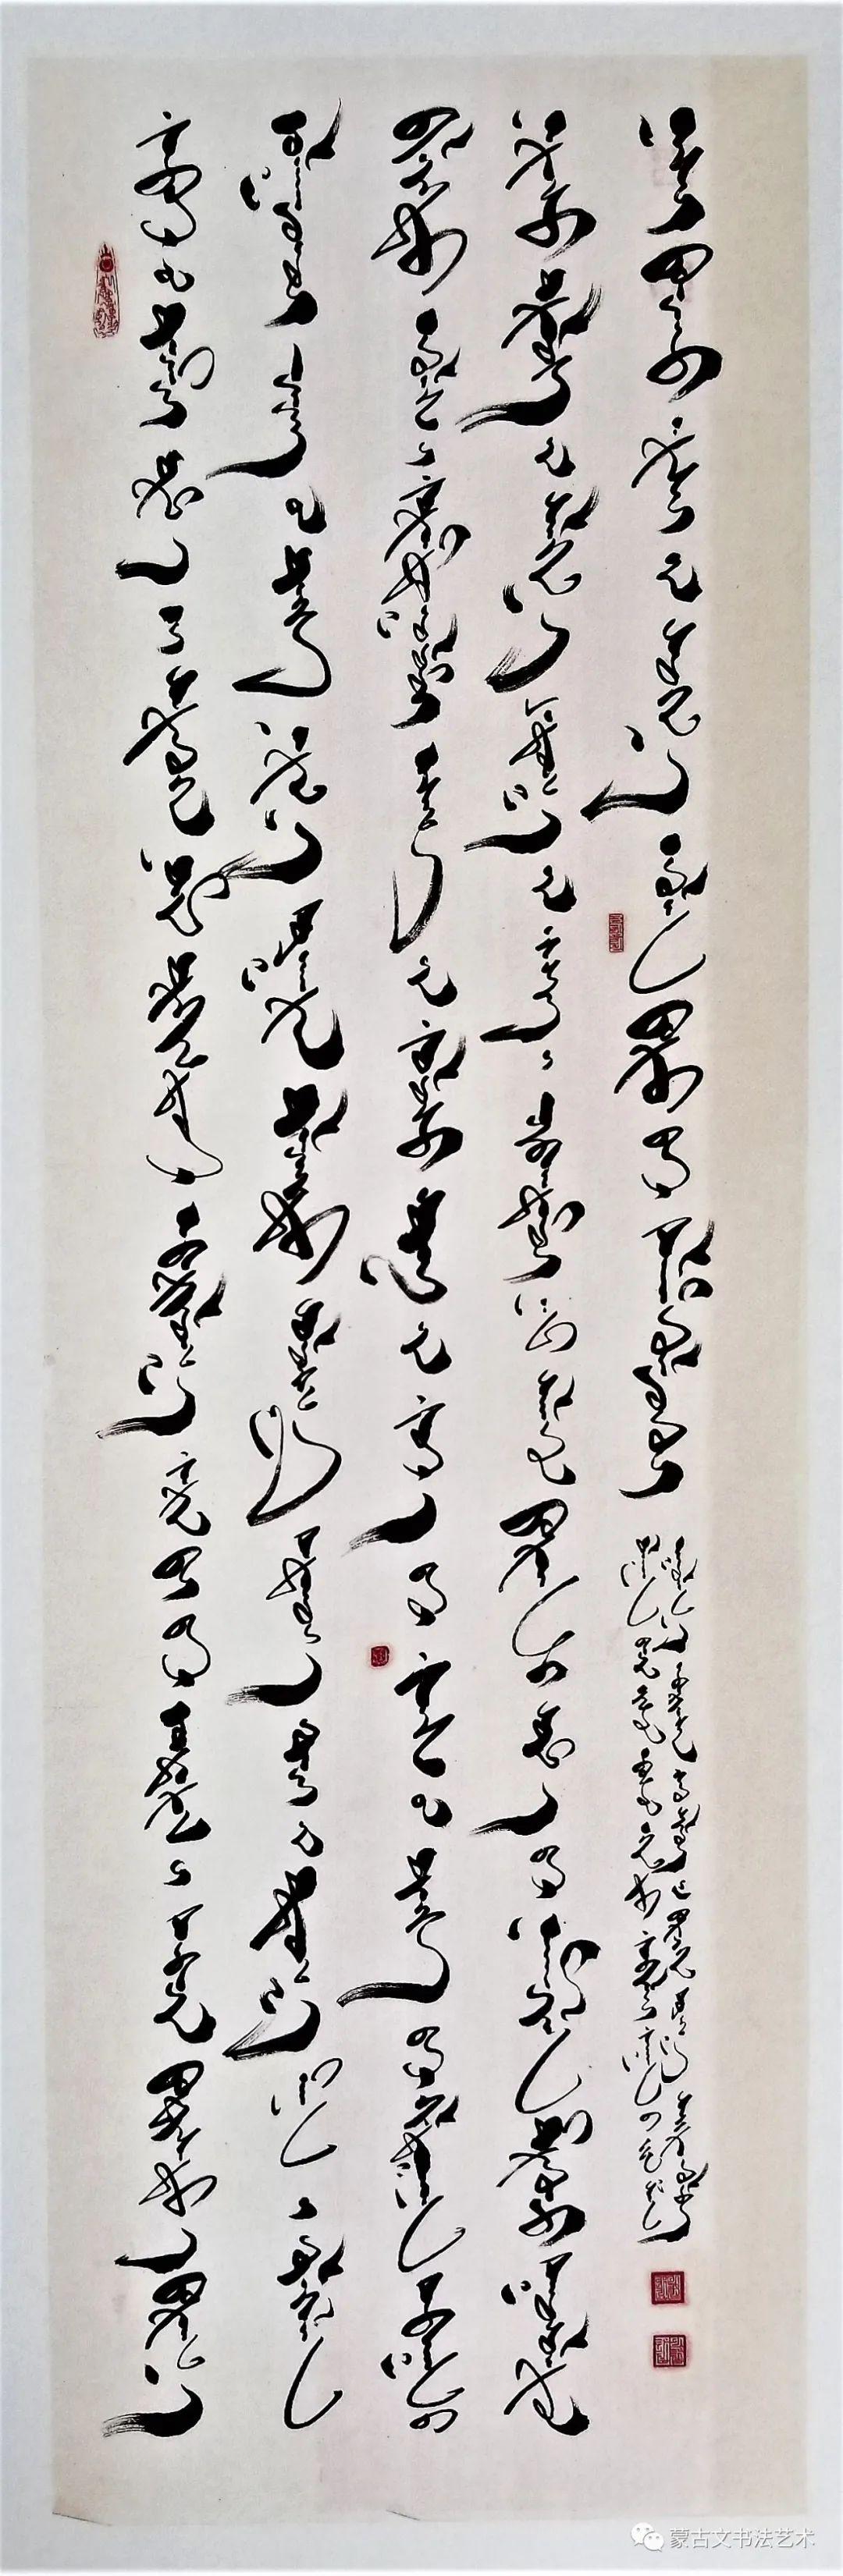 阿勒得尔图主编《忽必烈律诗百幅书法作品集》(一) 第12张